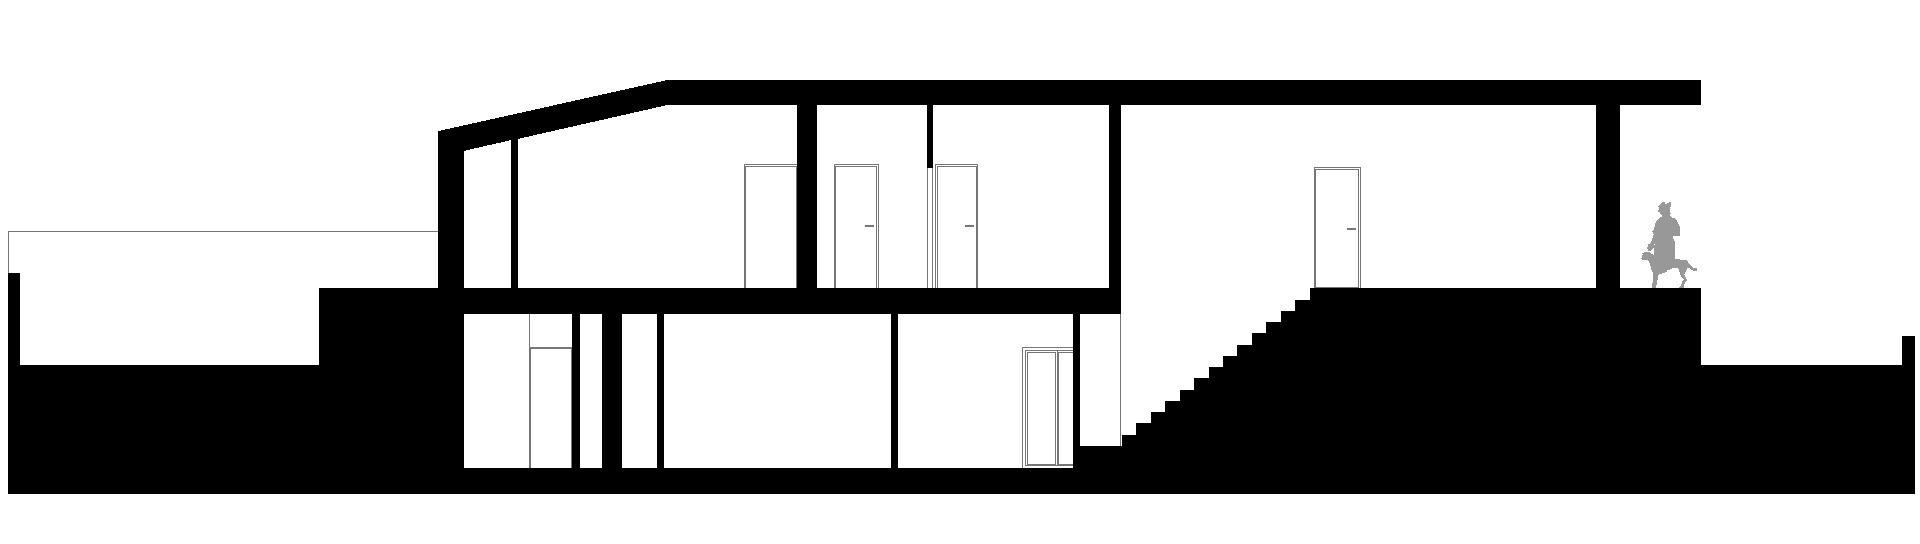 casa studio. sezione longitudinale.